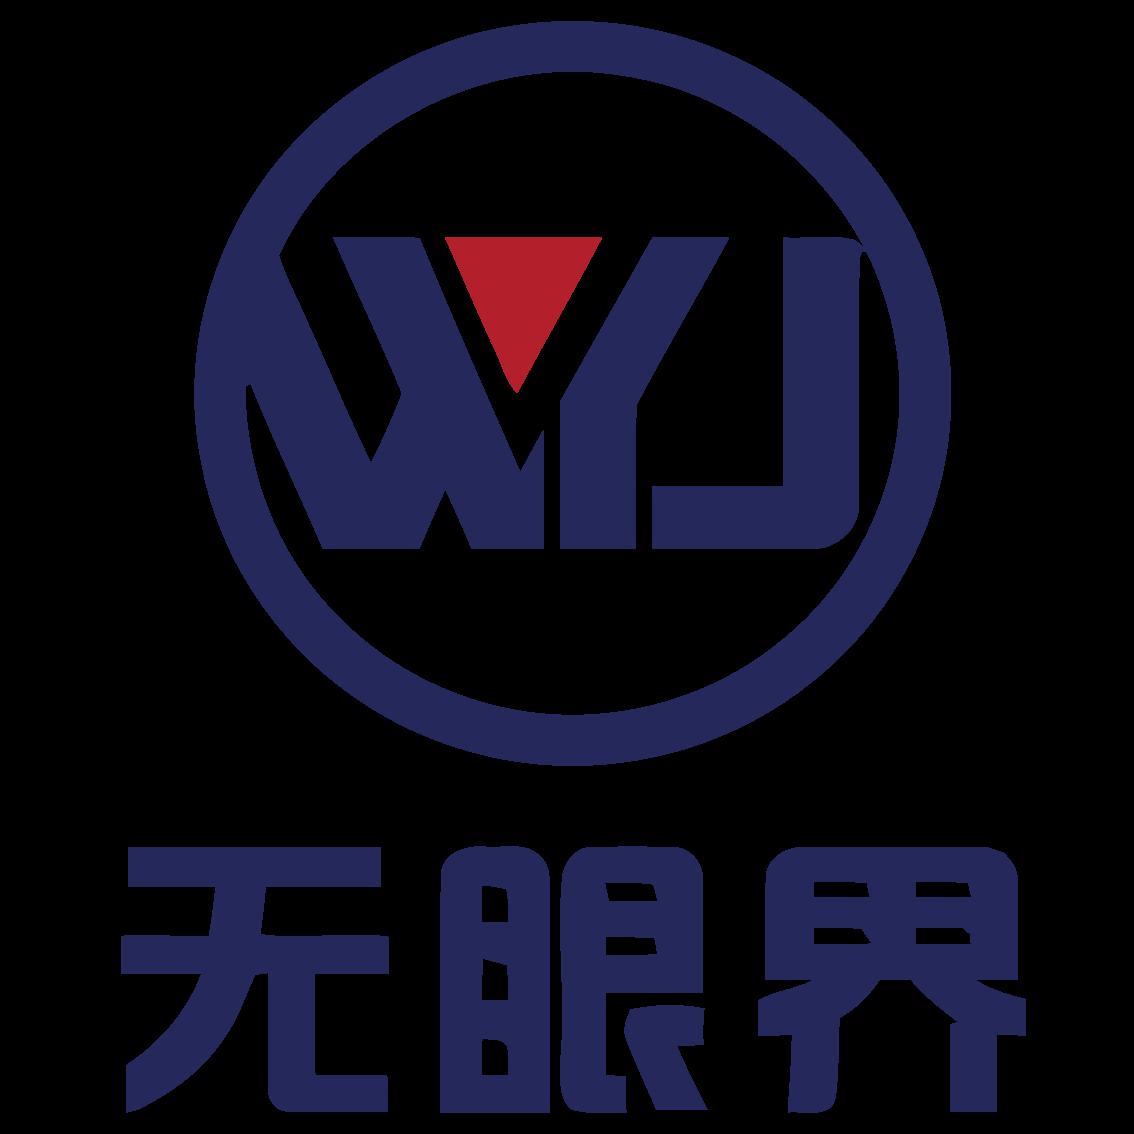 深圳市无眼界科技有限公司